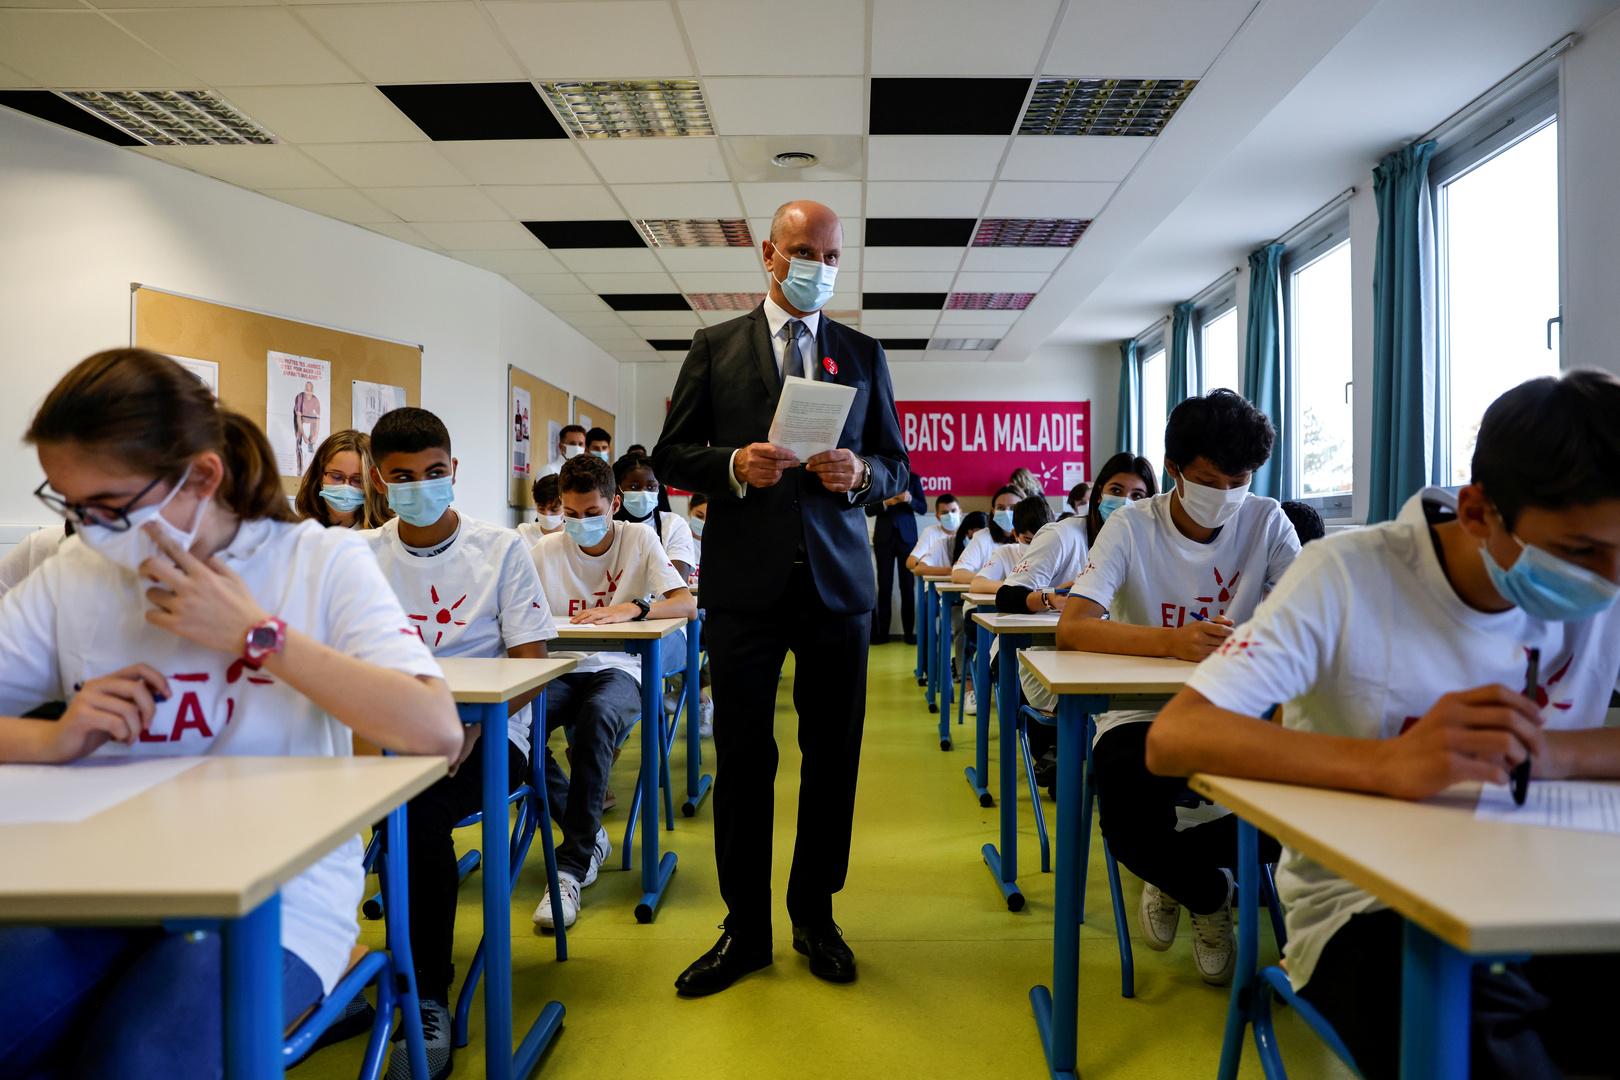 خلال زيارة وزير التربية الفرنسي مدرسة في باريس على خلفية قتل المعلم صاموئيل باتي.